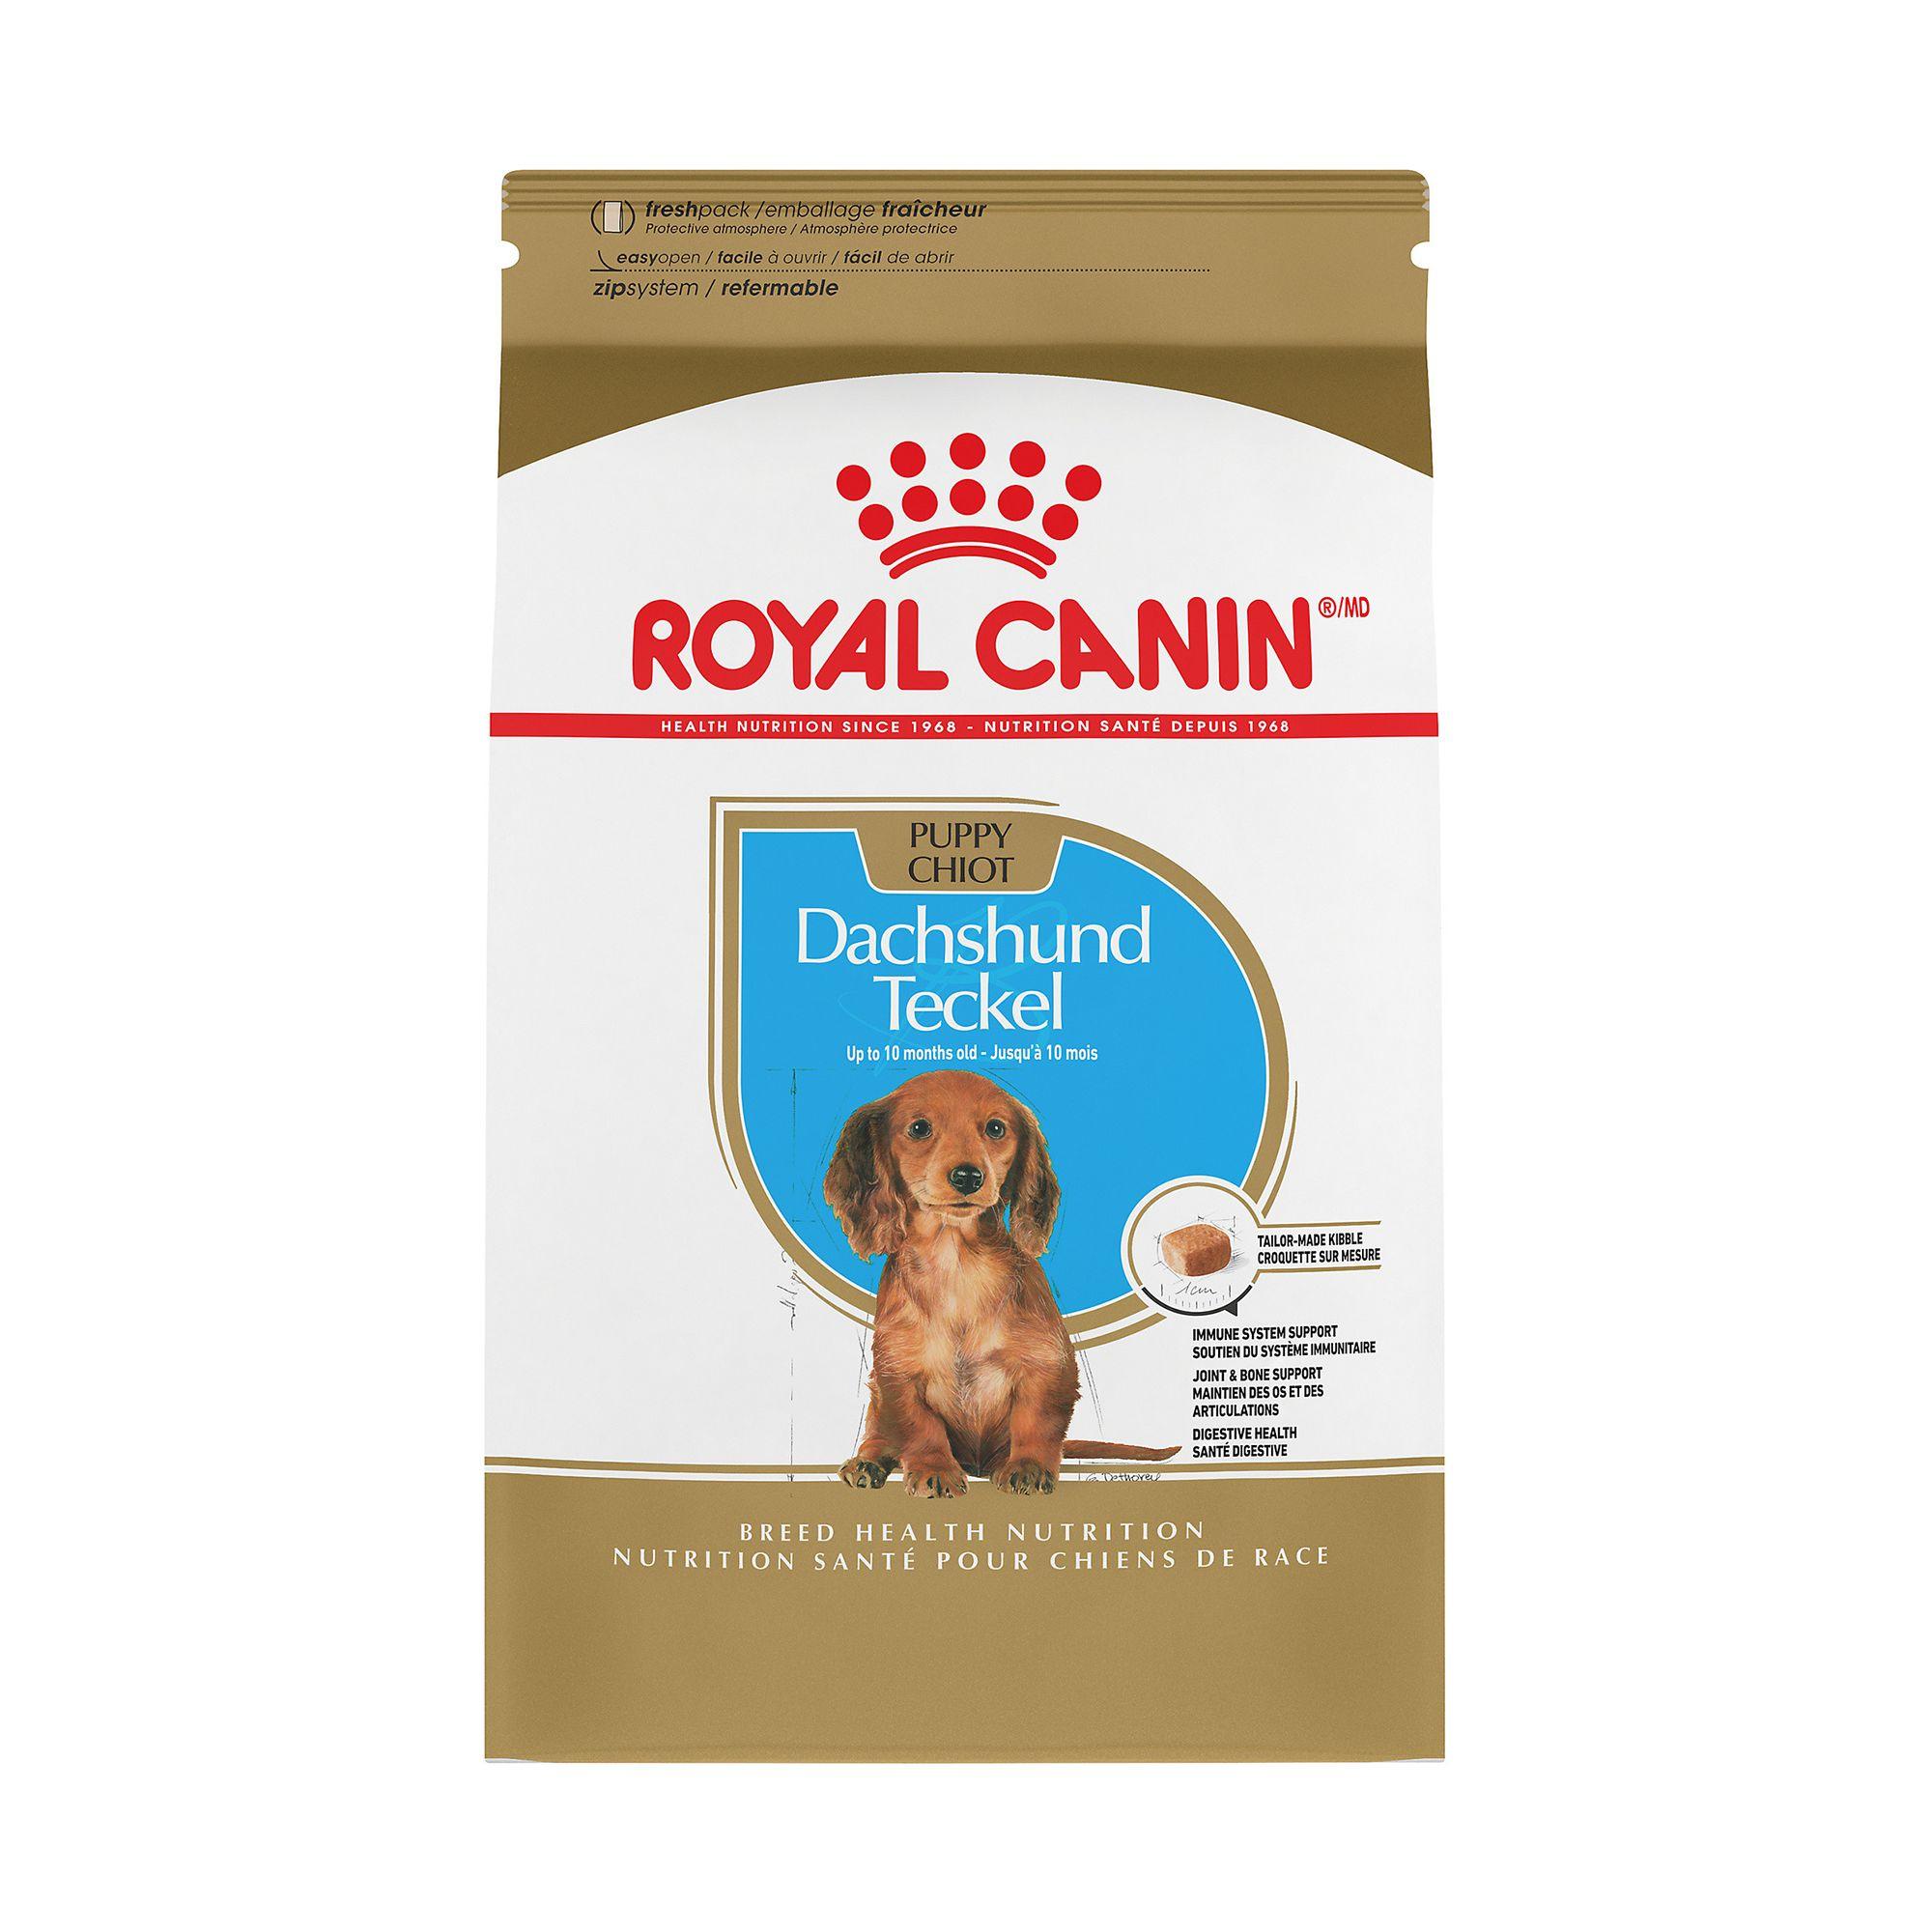 Royal Canin Breed Health Nutrition, Dachshund Puppy Food size: 2.5 Lb 5211539